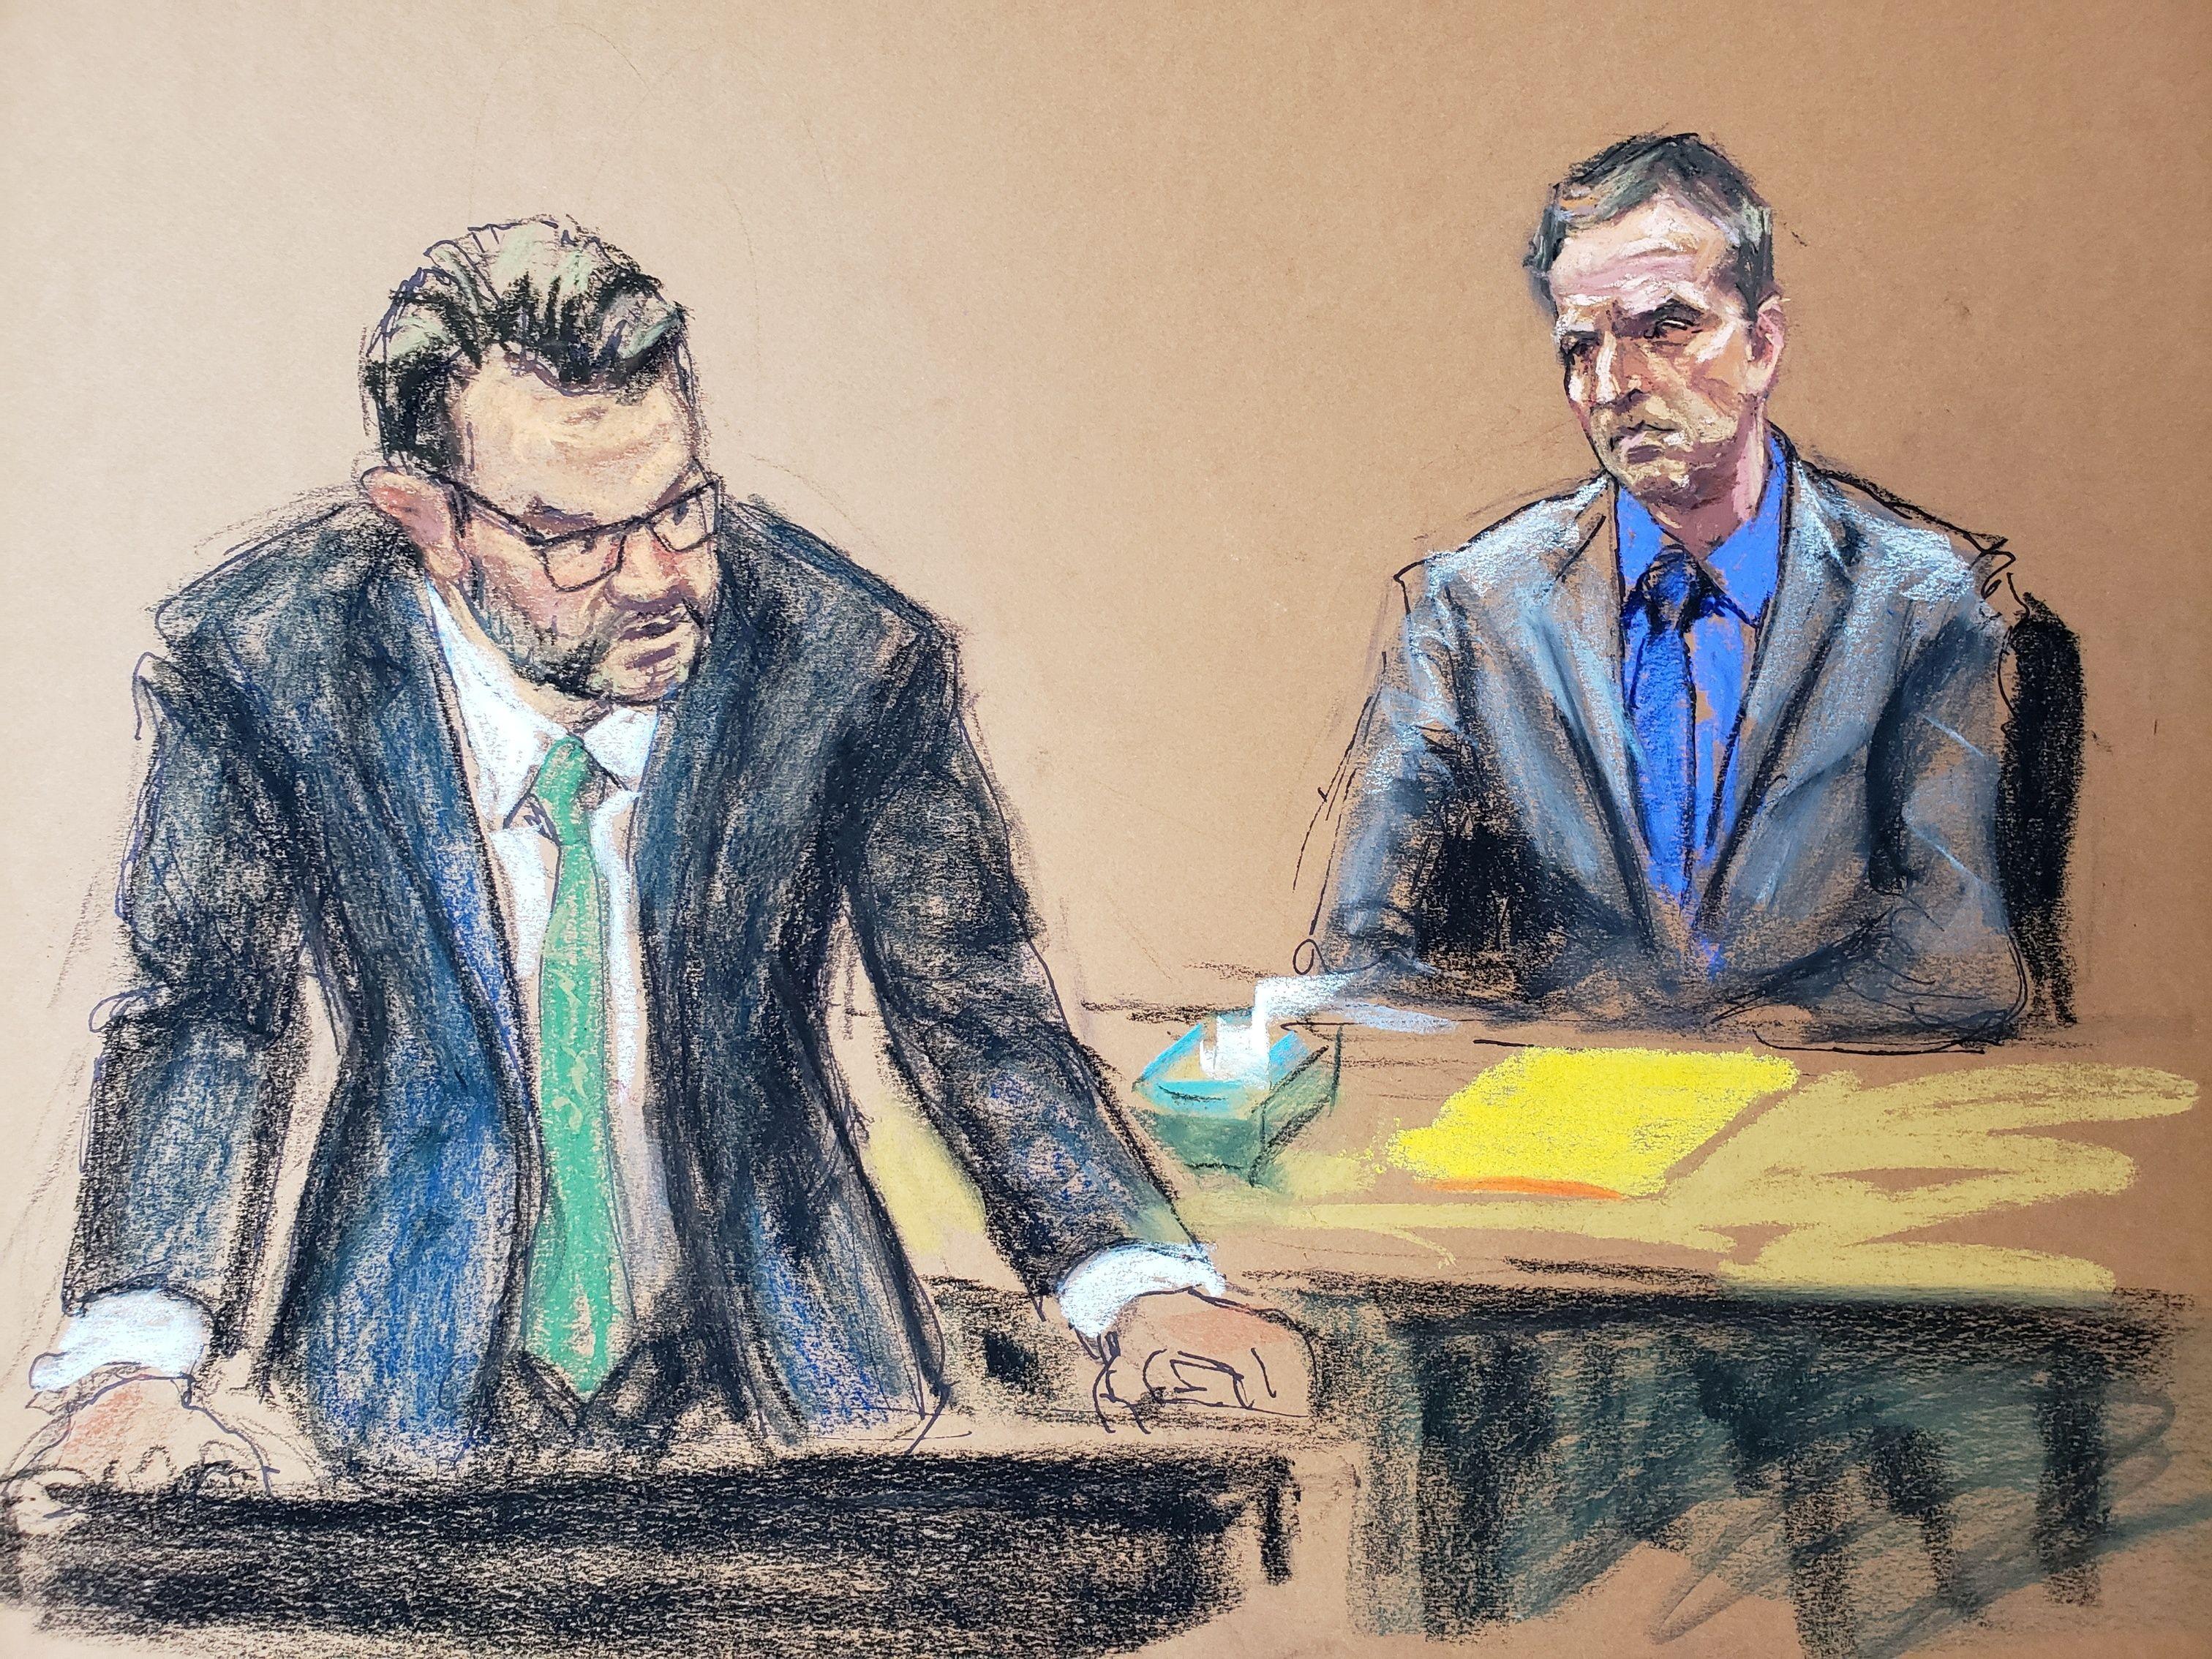 Dibujo del juico en el que se ve al abogado defensor, Eric Nelson, y al acusado de la muerte, Derek Chauvin.